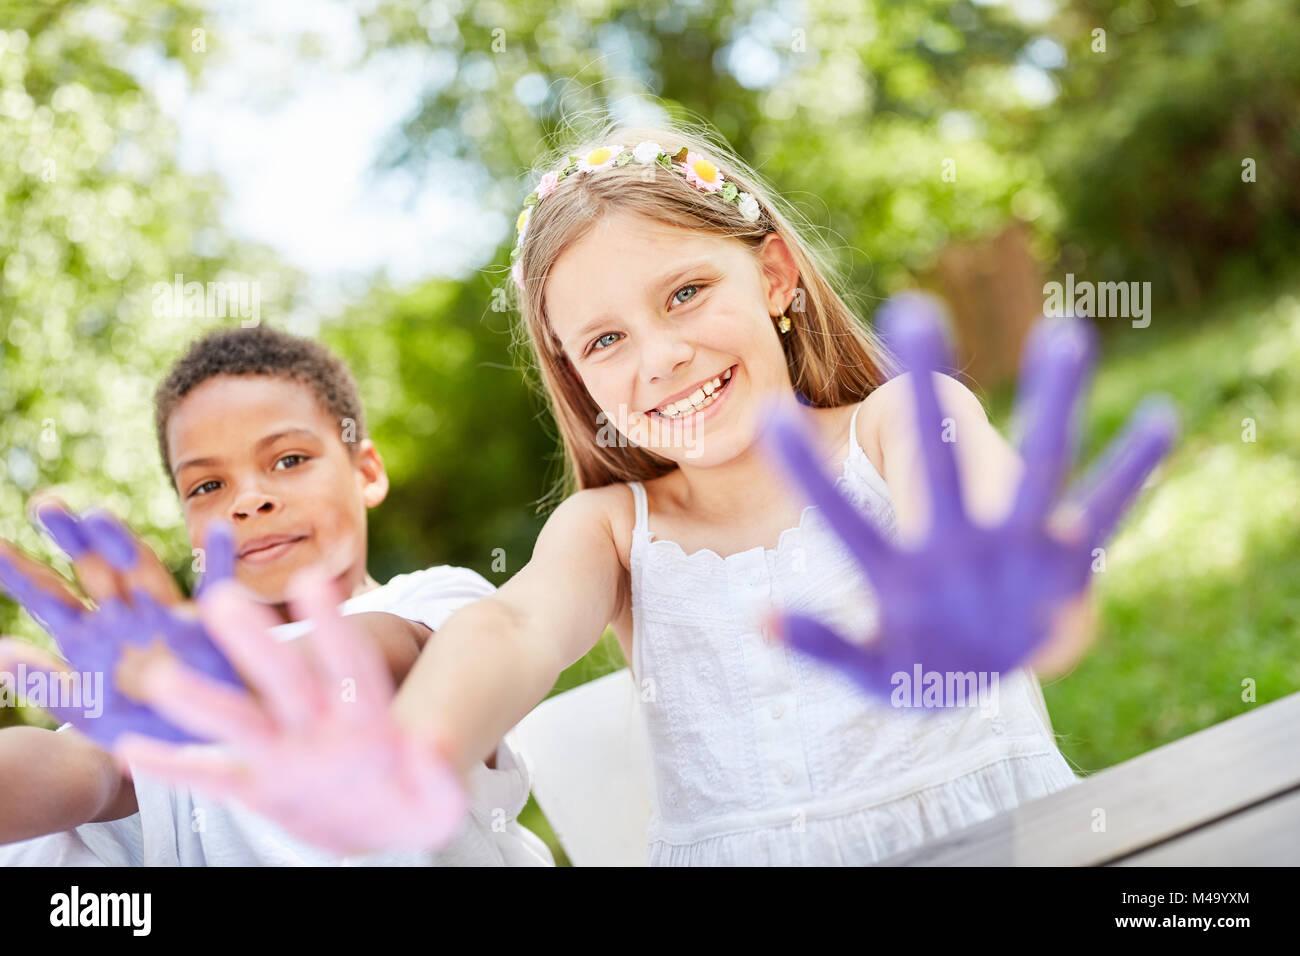 Los niños juegan y pintar con pinturas de dedos en la fiesta de cumpleaños en el jardín Imagen De Stock